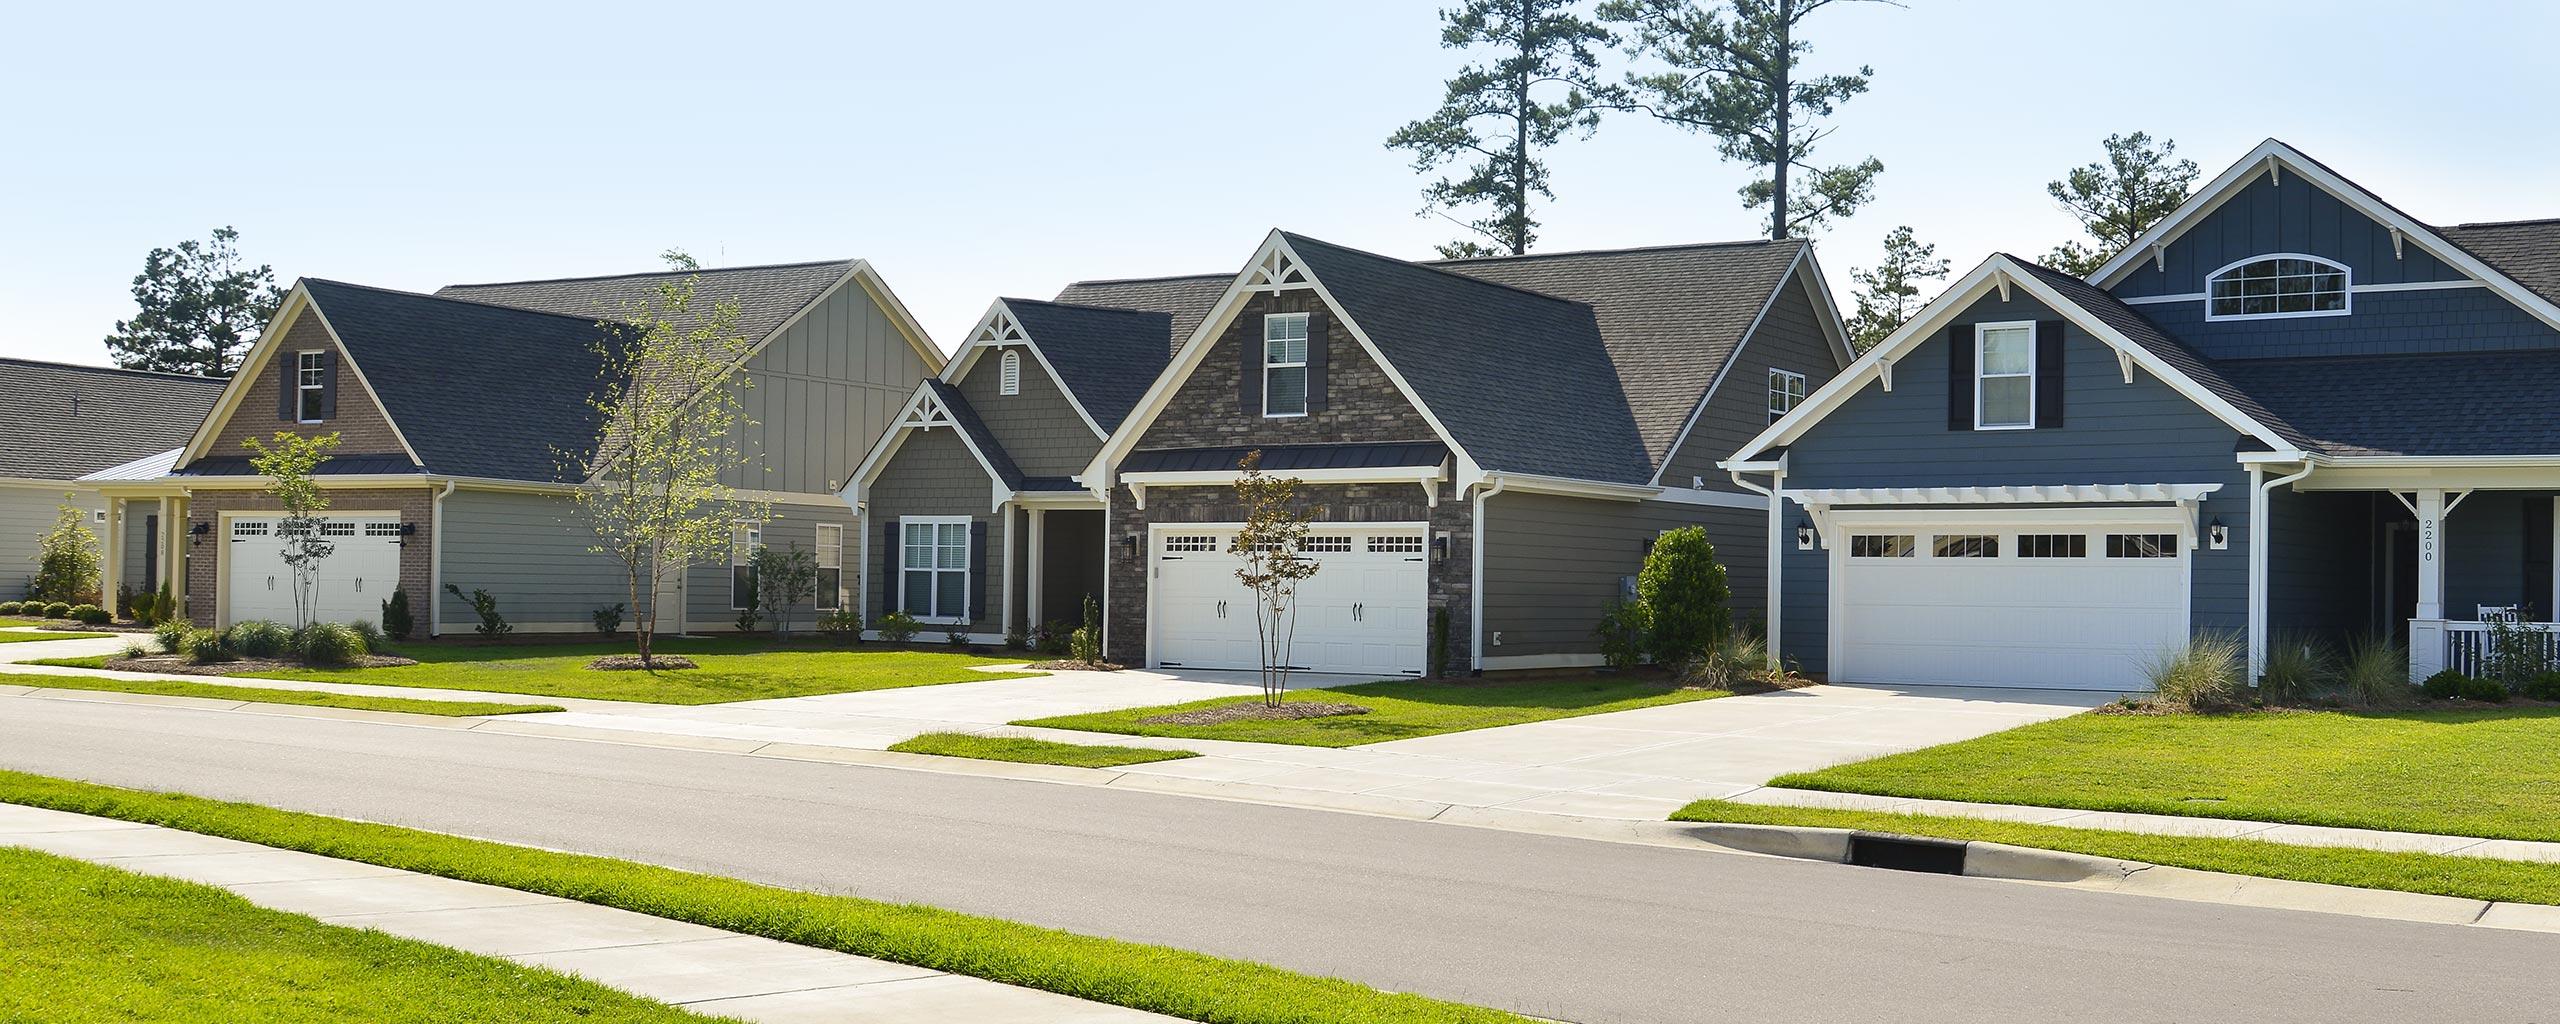 Homes in Park Landing